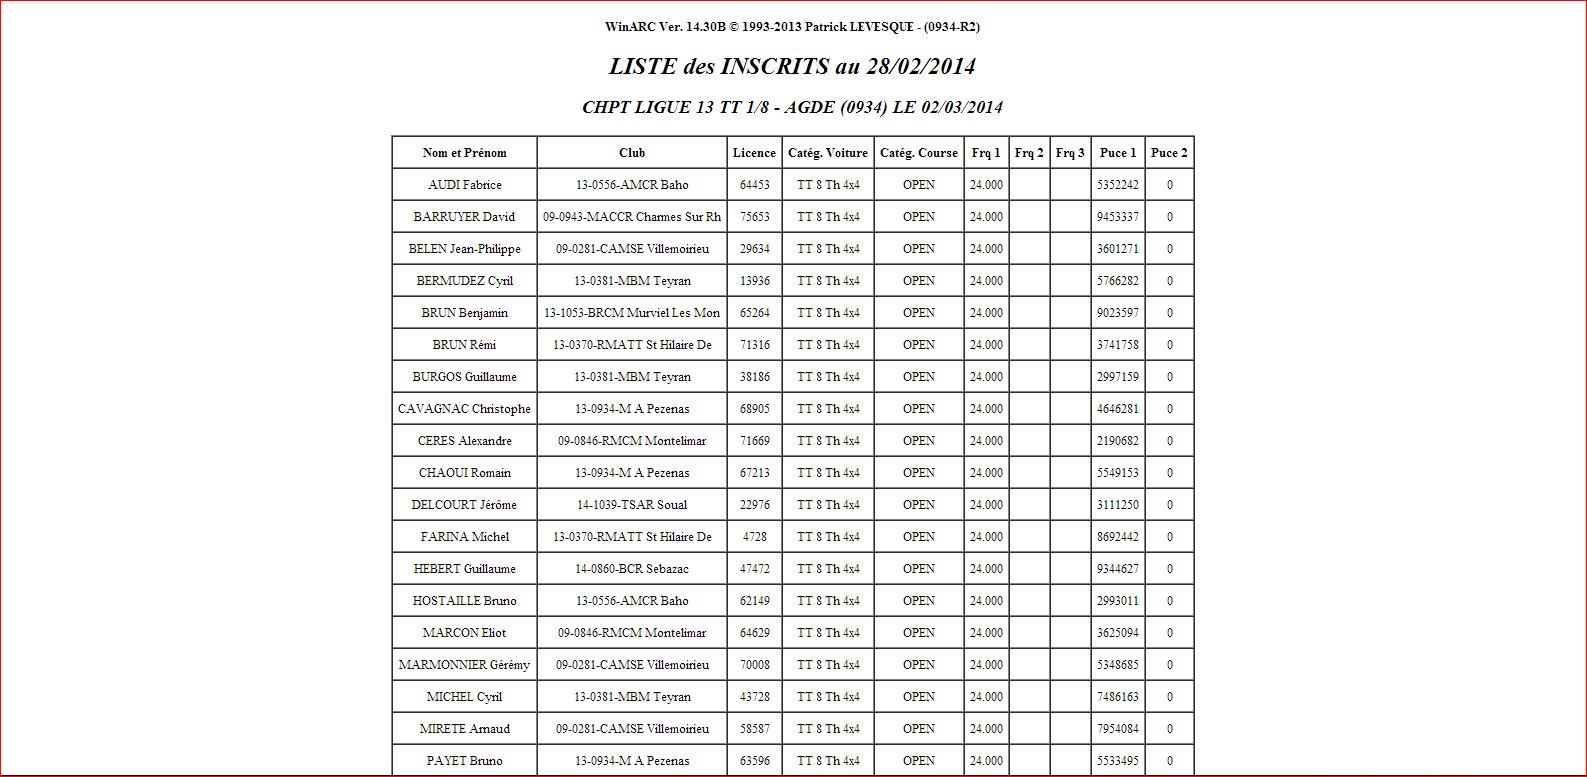 Course de ligue 13 à AGDE le 02/03/2014. - Page 2 Liste_19